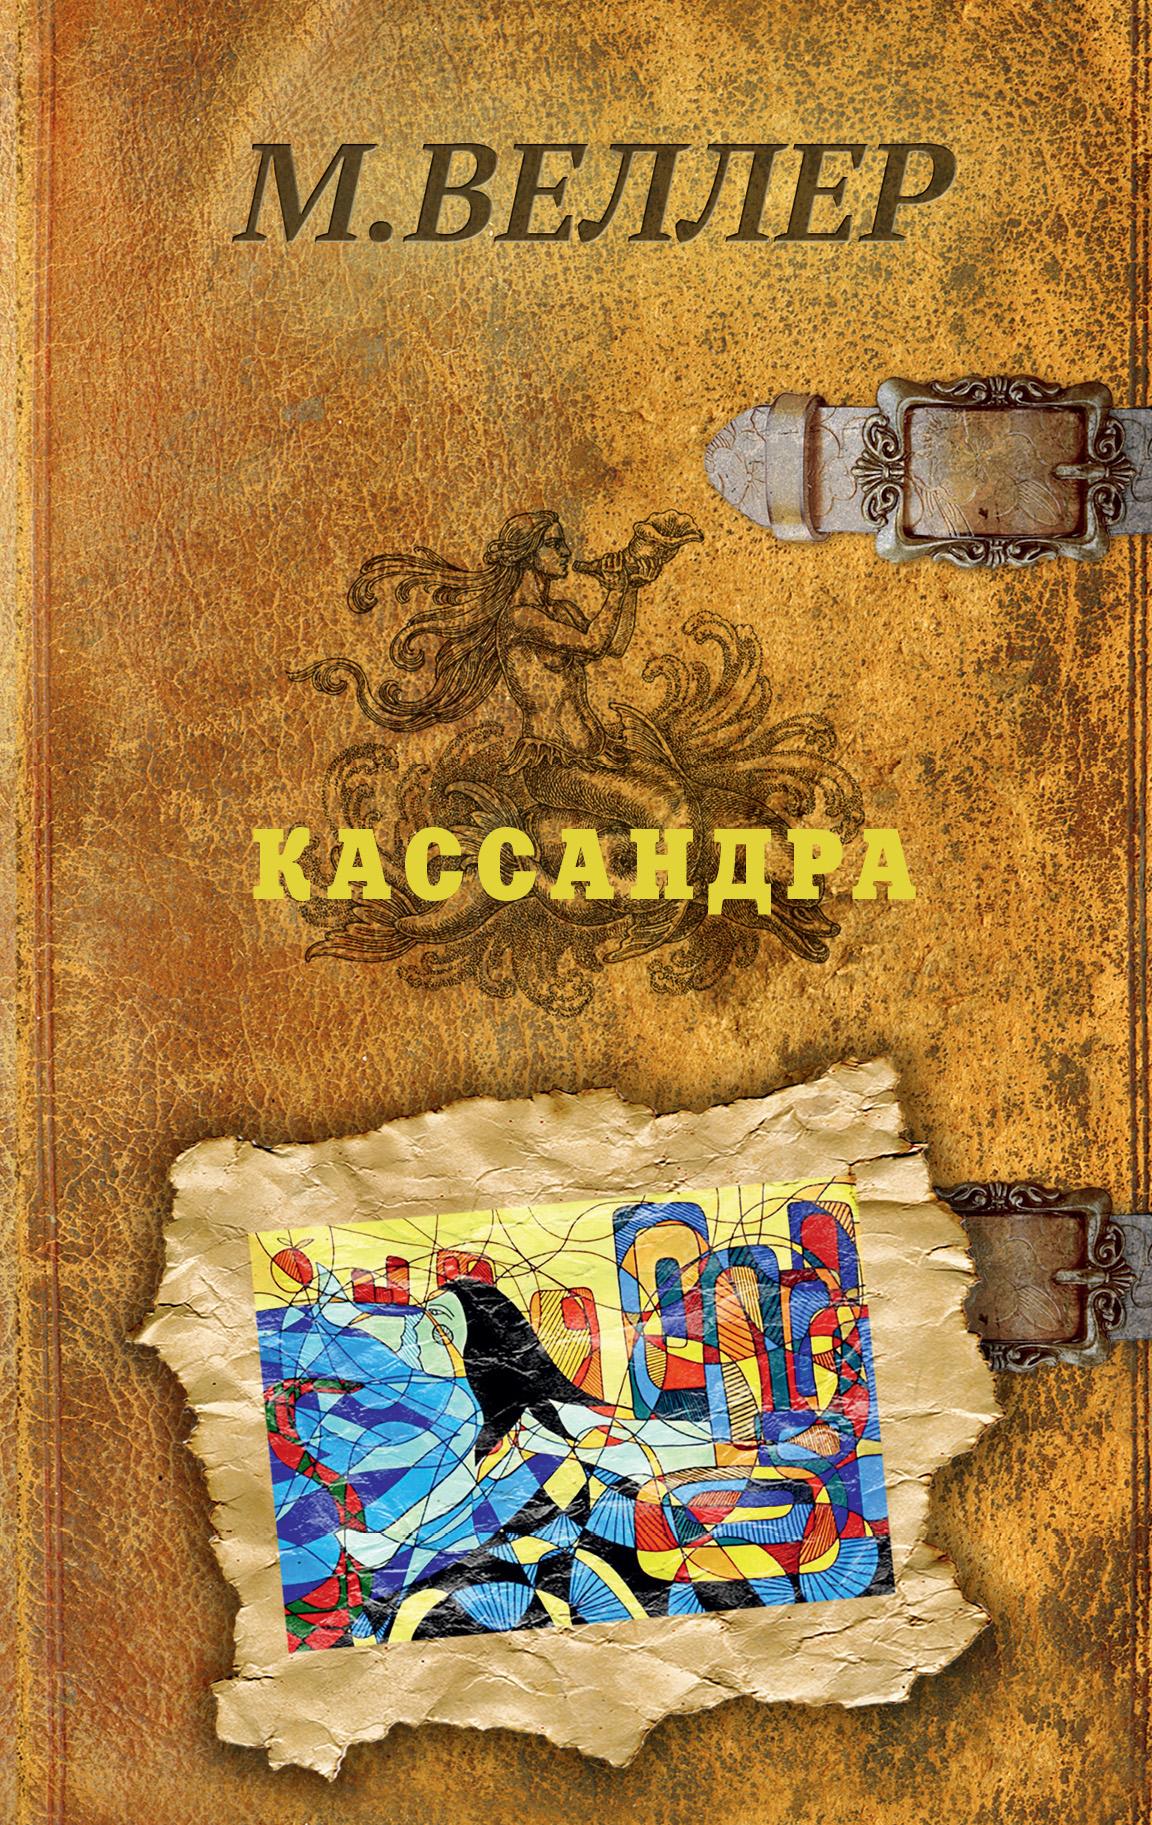 Кассандра, халкидики   достопримечательности, пляжи и развлечения в кассандре на полуострове халкидики, греция. карта кассандры на русском языке